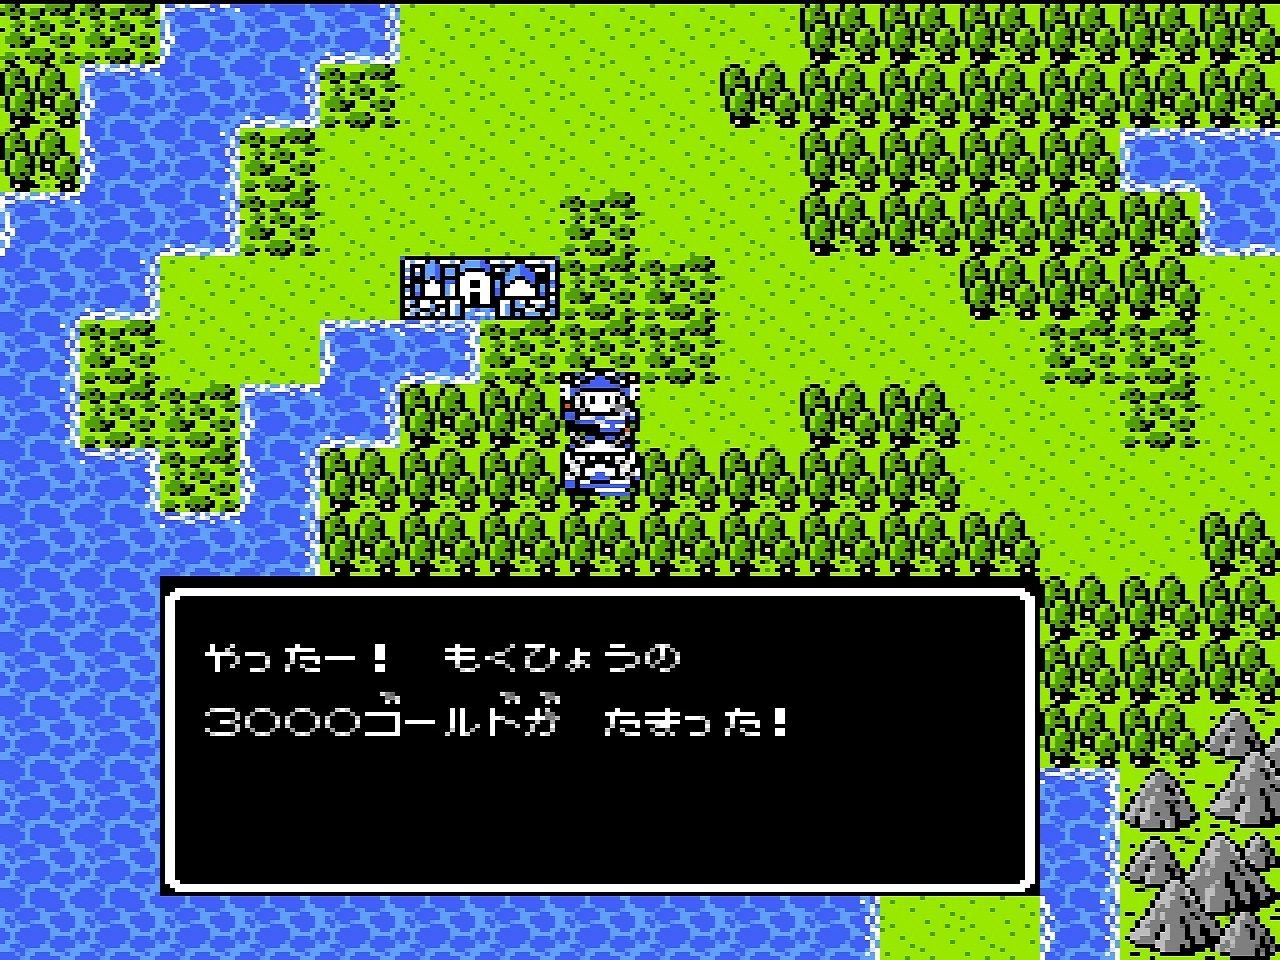 キャラゲー屈指の名作! ファミコン『SDガンダム外伝 ナイトガンダム物語』は「かゆいところに手が届く」RPGだったの画像003